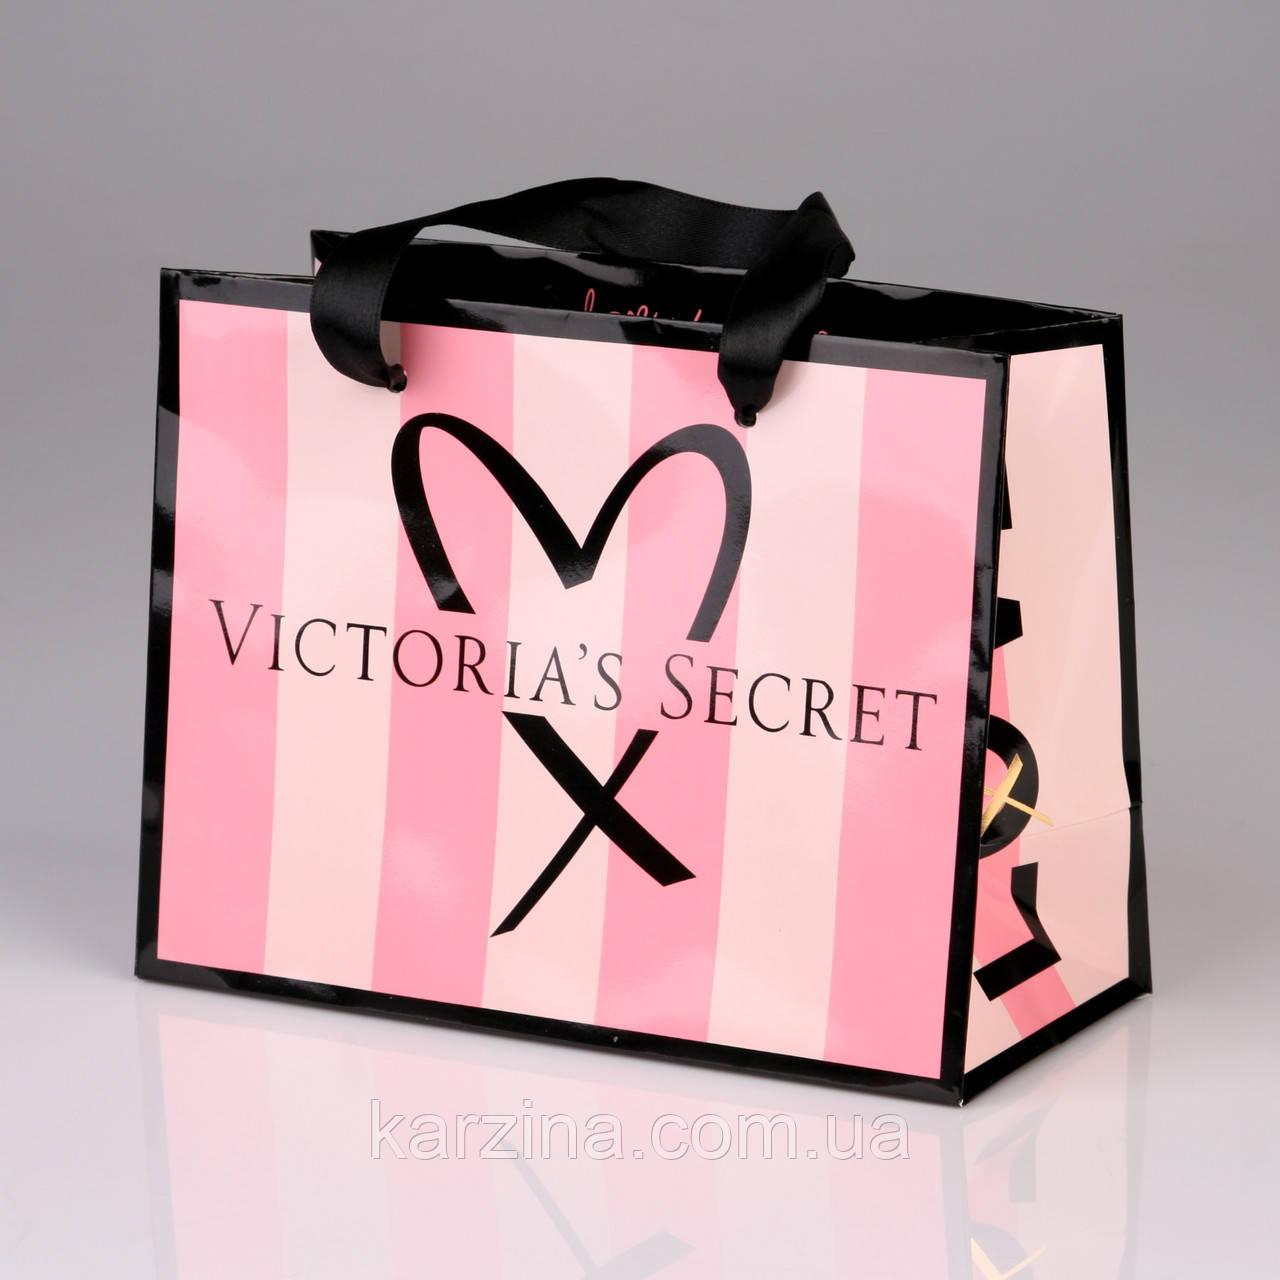 Подарочный пакет маленький Victoria's Secret р.S (19.5см.х16см.х9см)